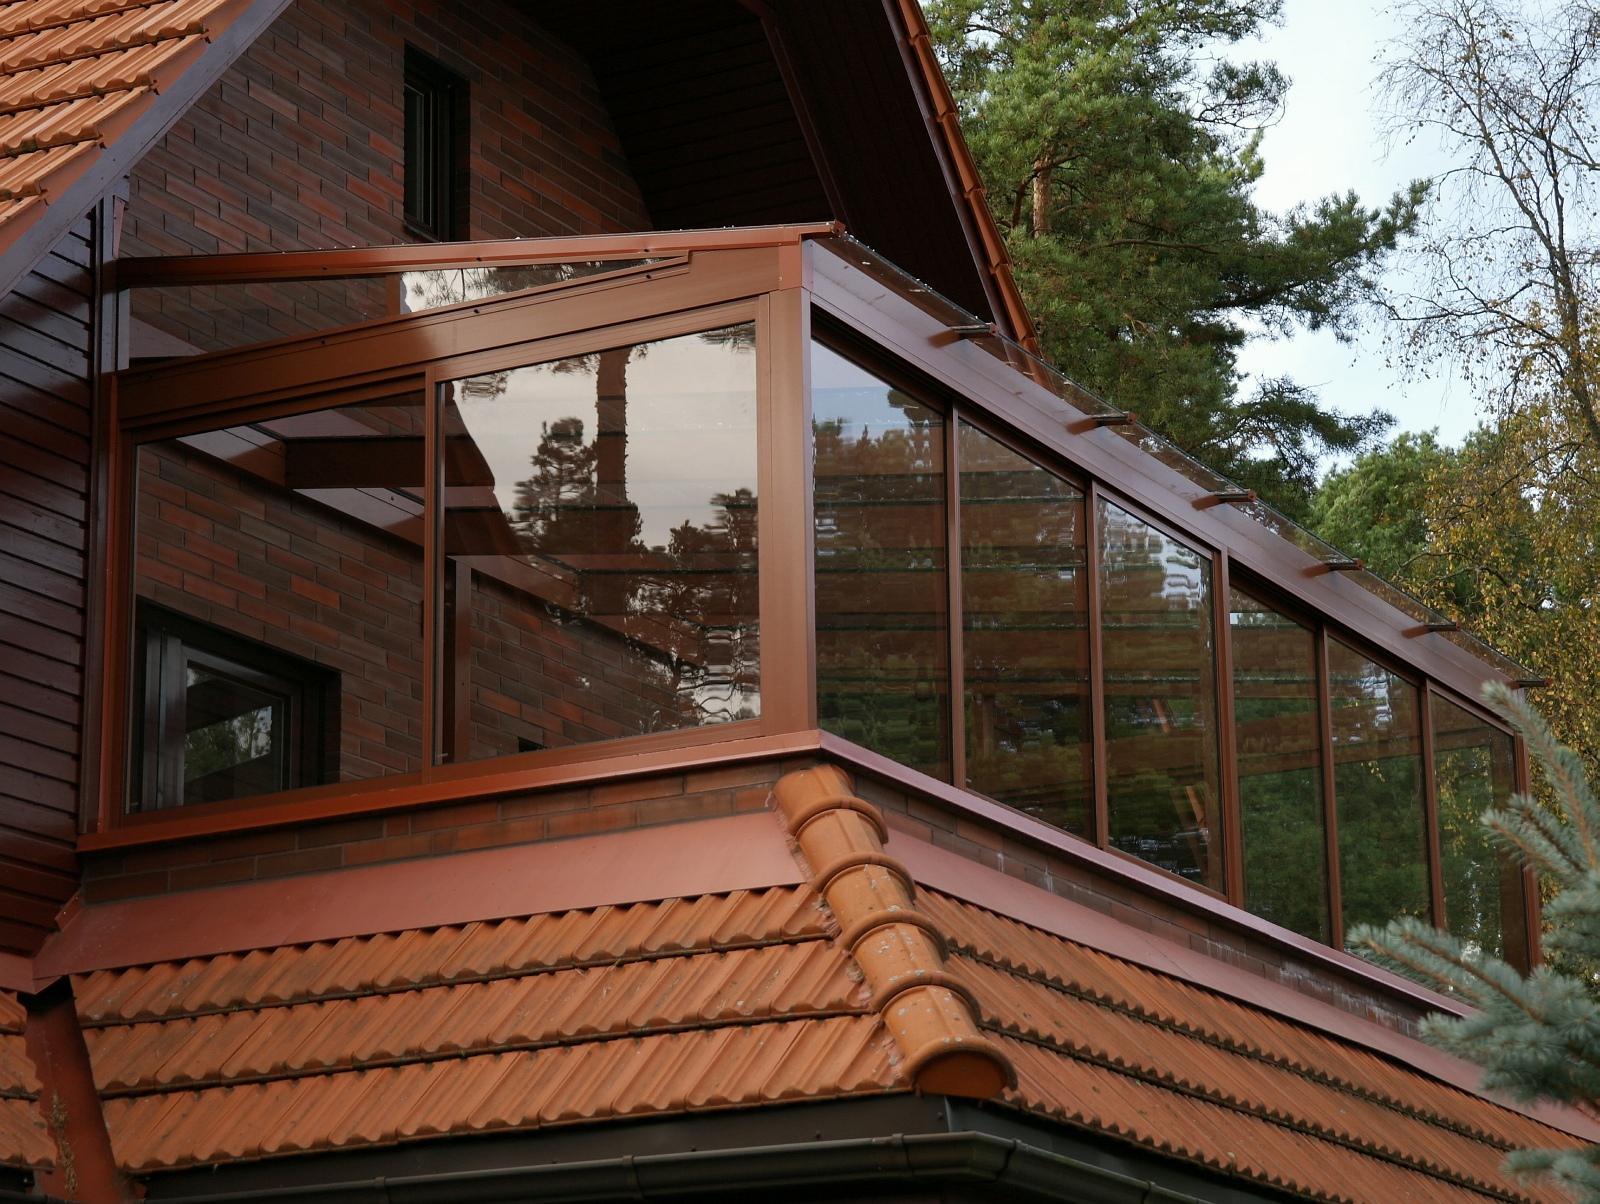 Дома с балконами и террасами: выбираем проект, воплощаем в жизнь Nasha Besedka